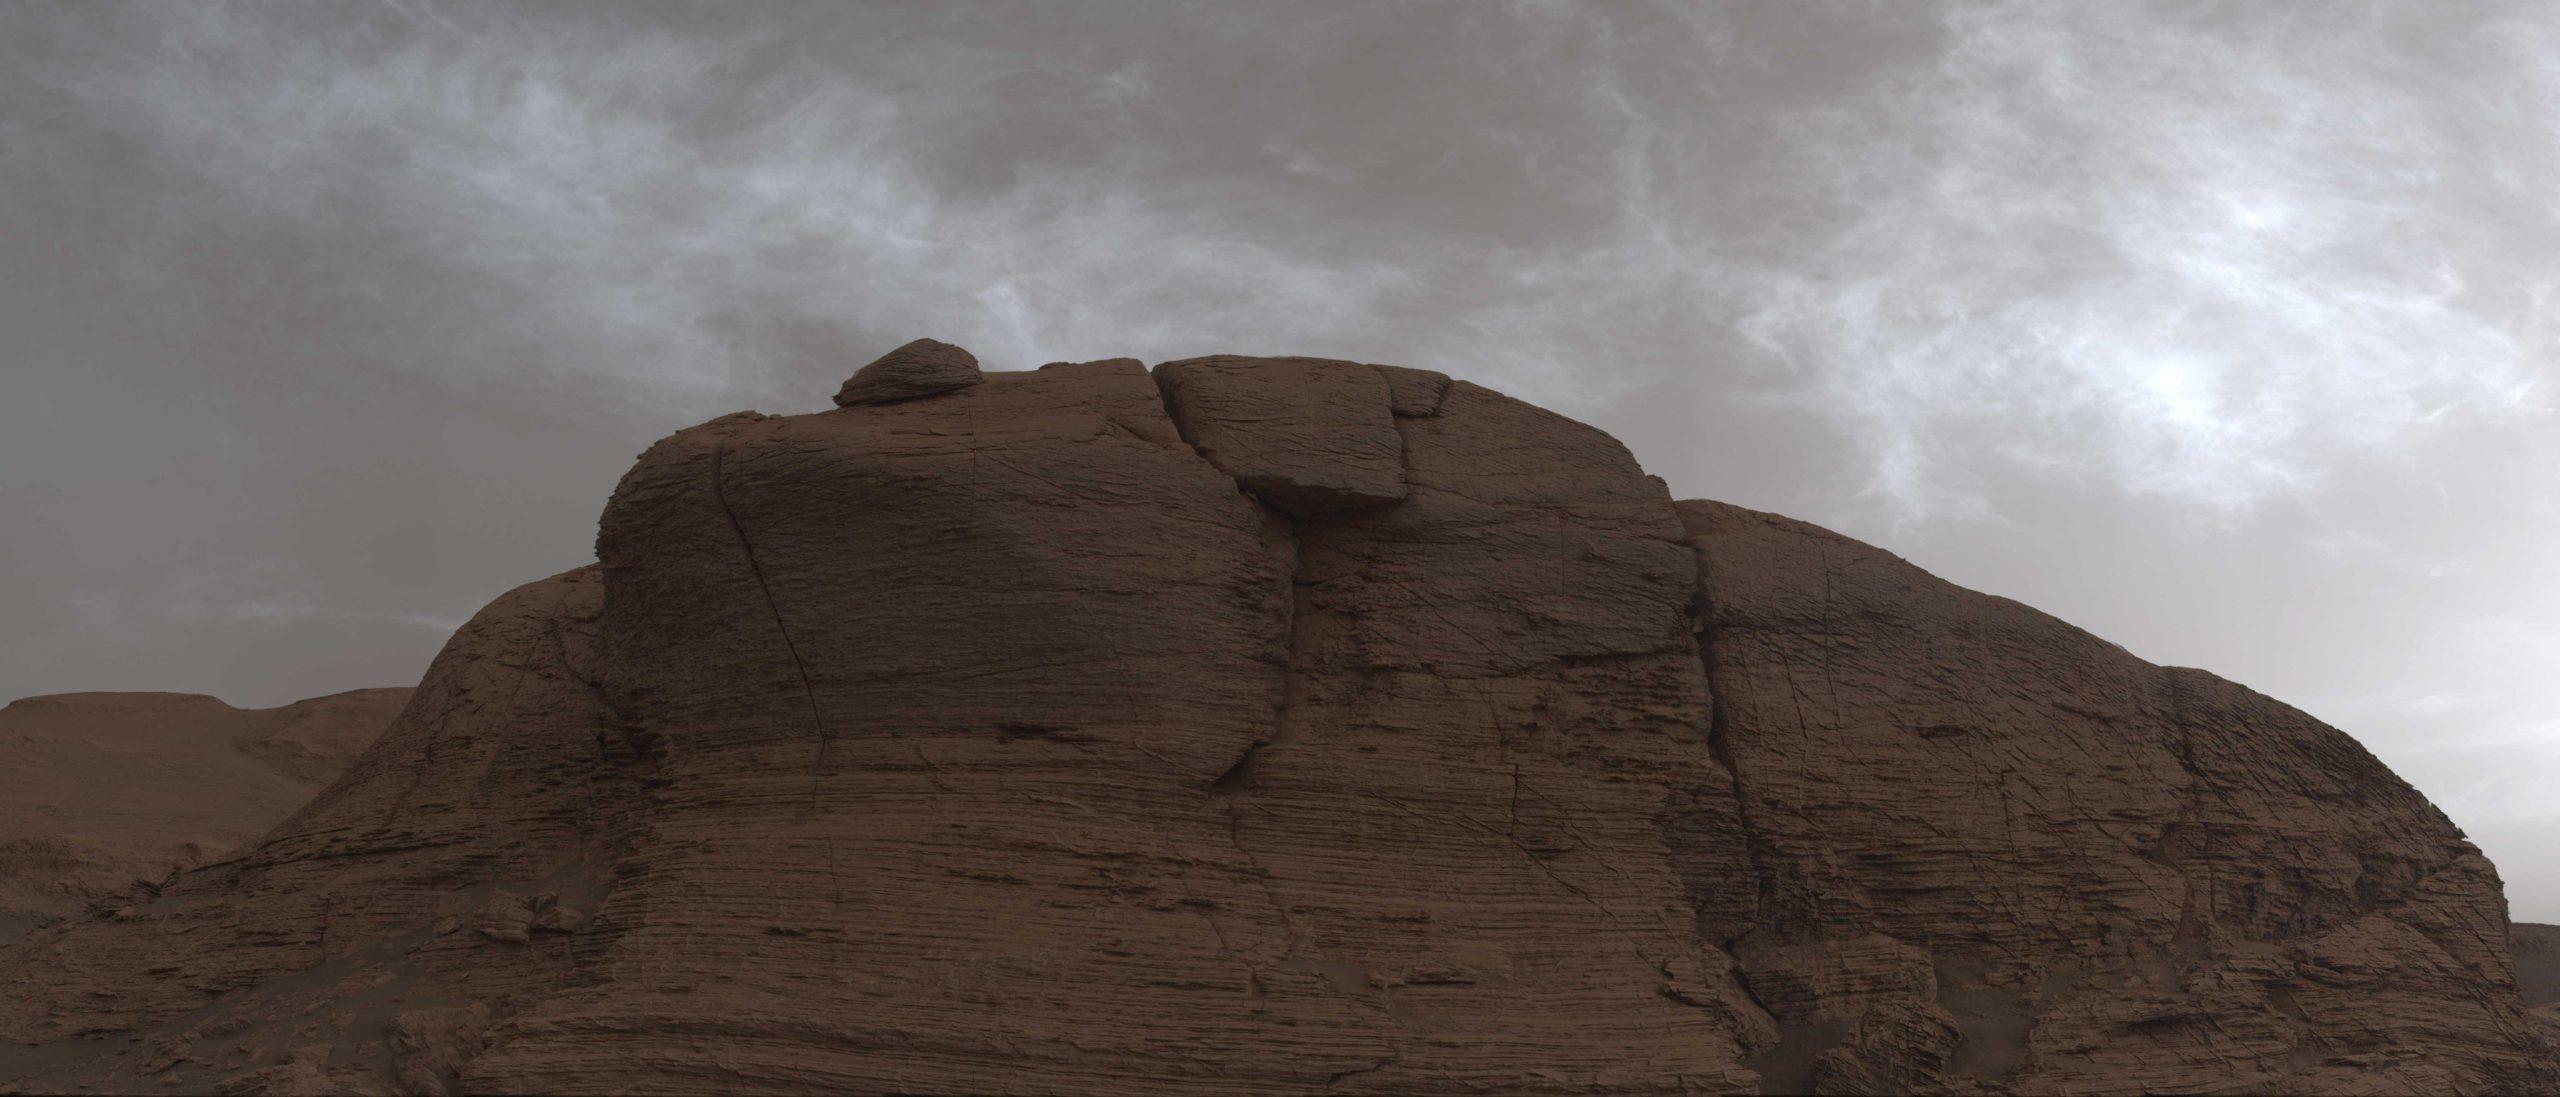 Mars curiosity cloudy today